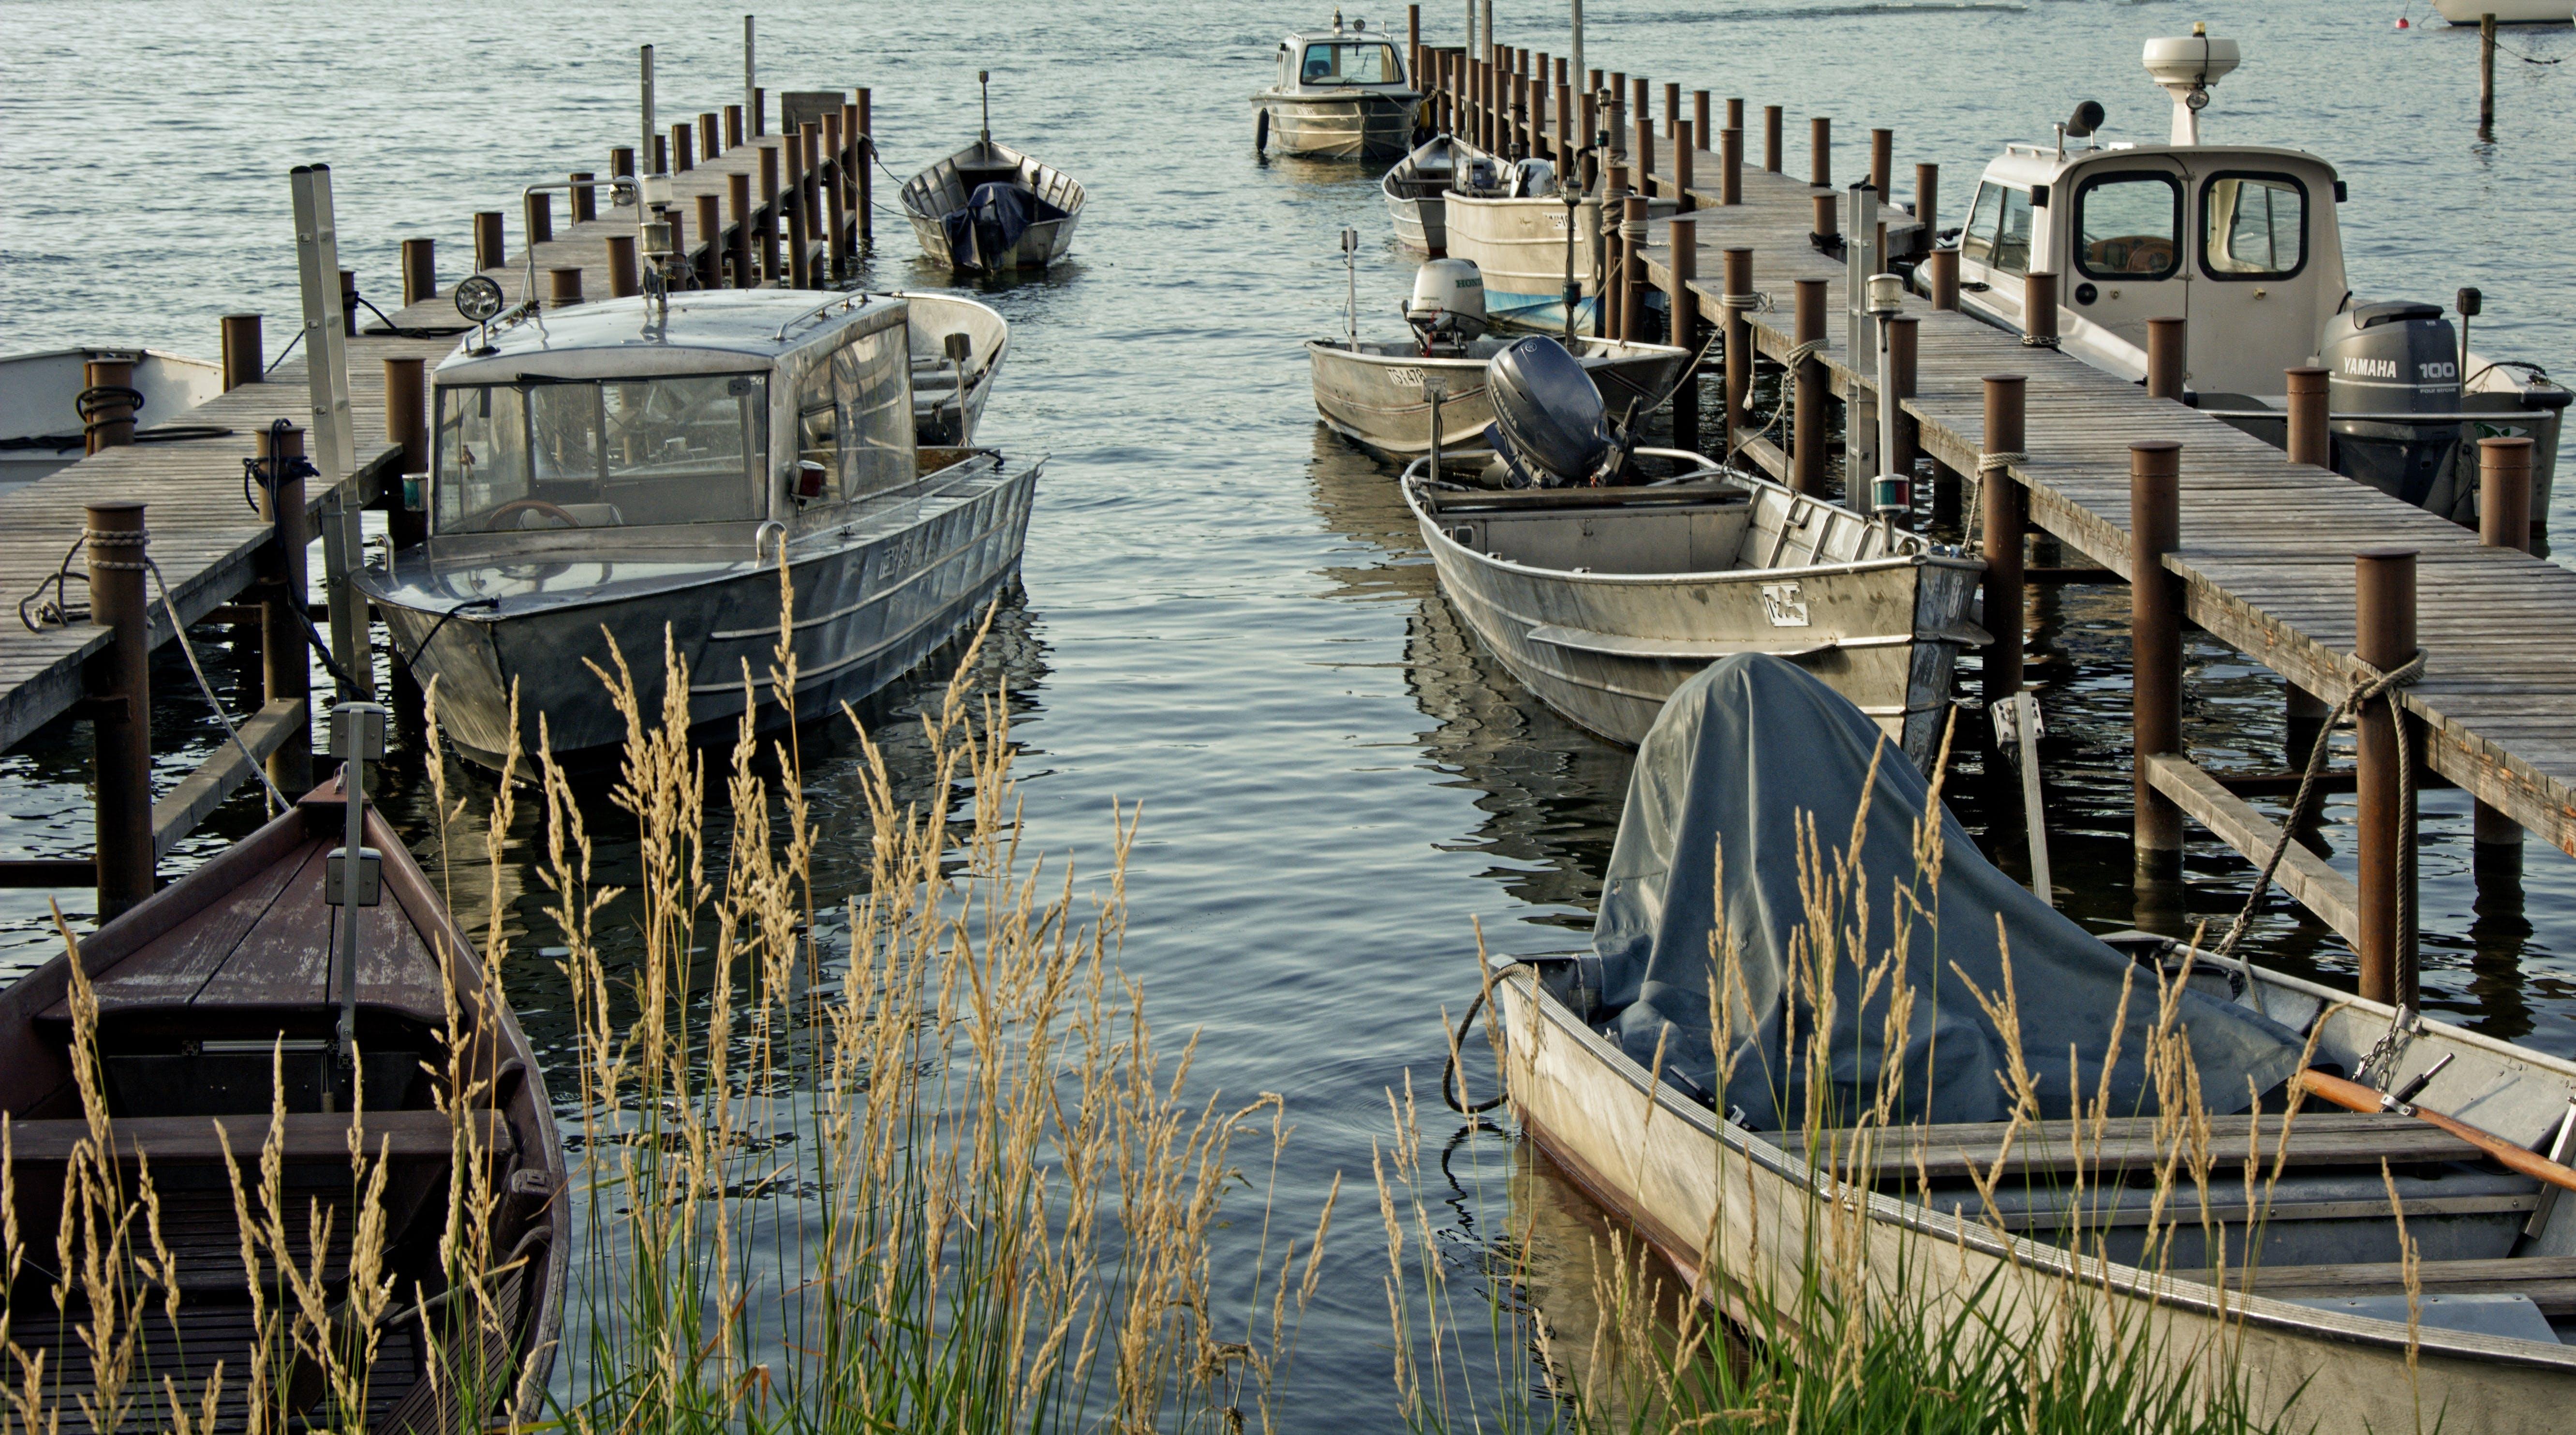 ウォータークラフト, ドック, ブリッジ, ボートの無料の写真素材